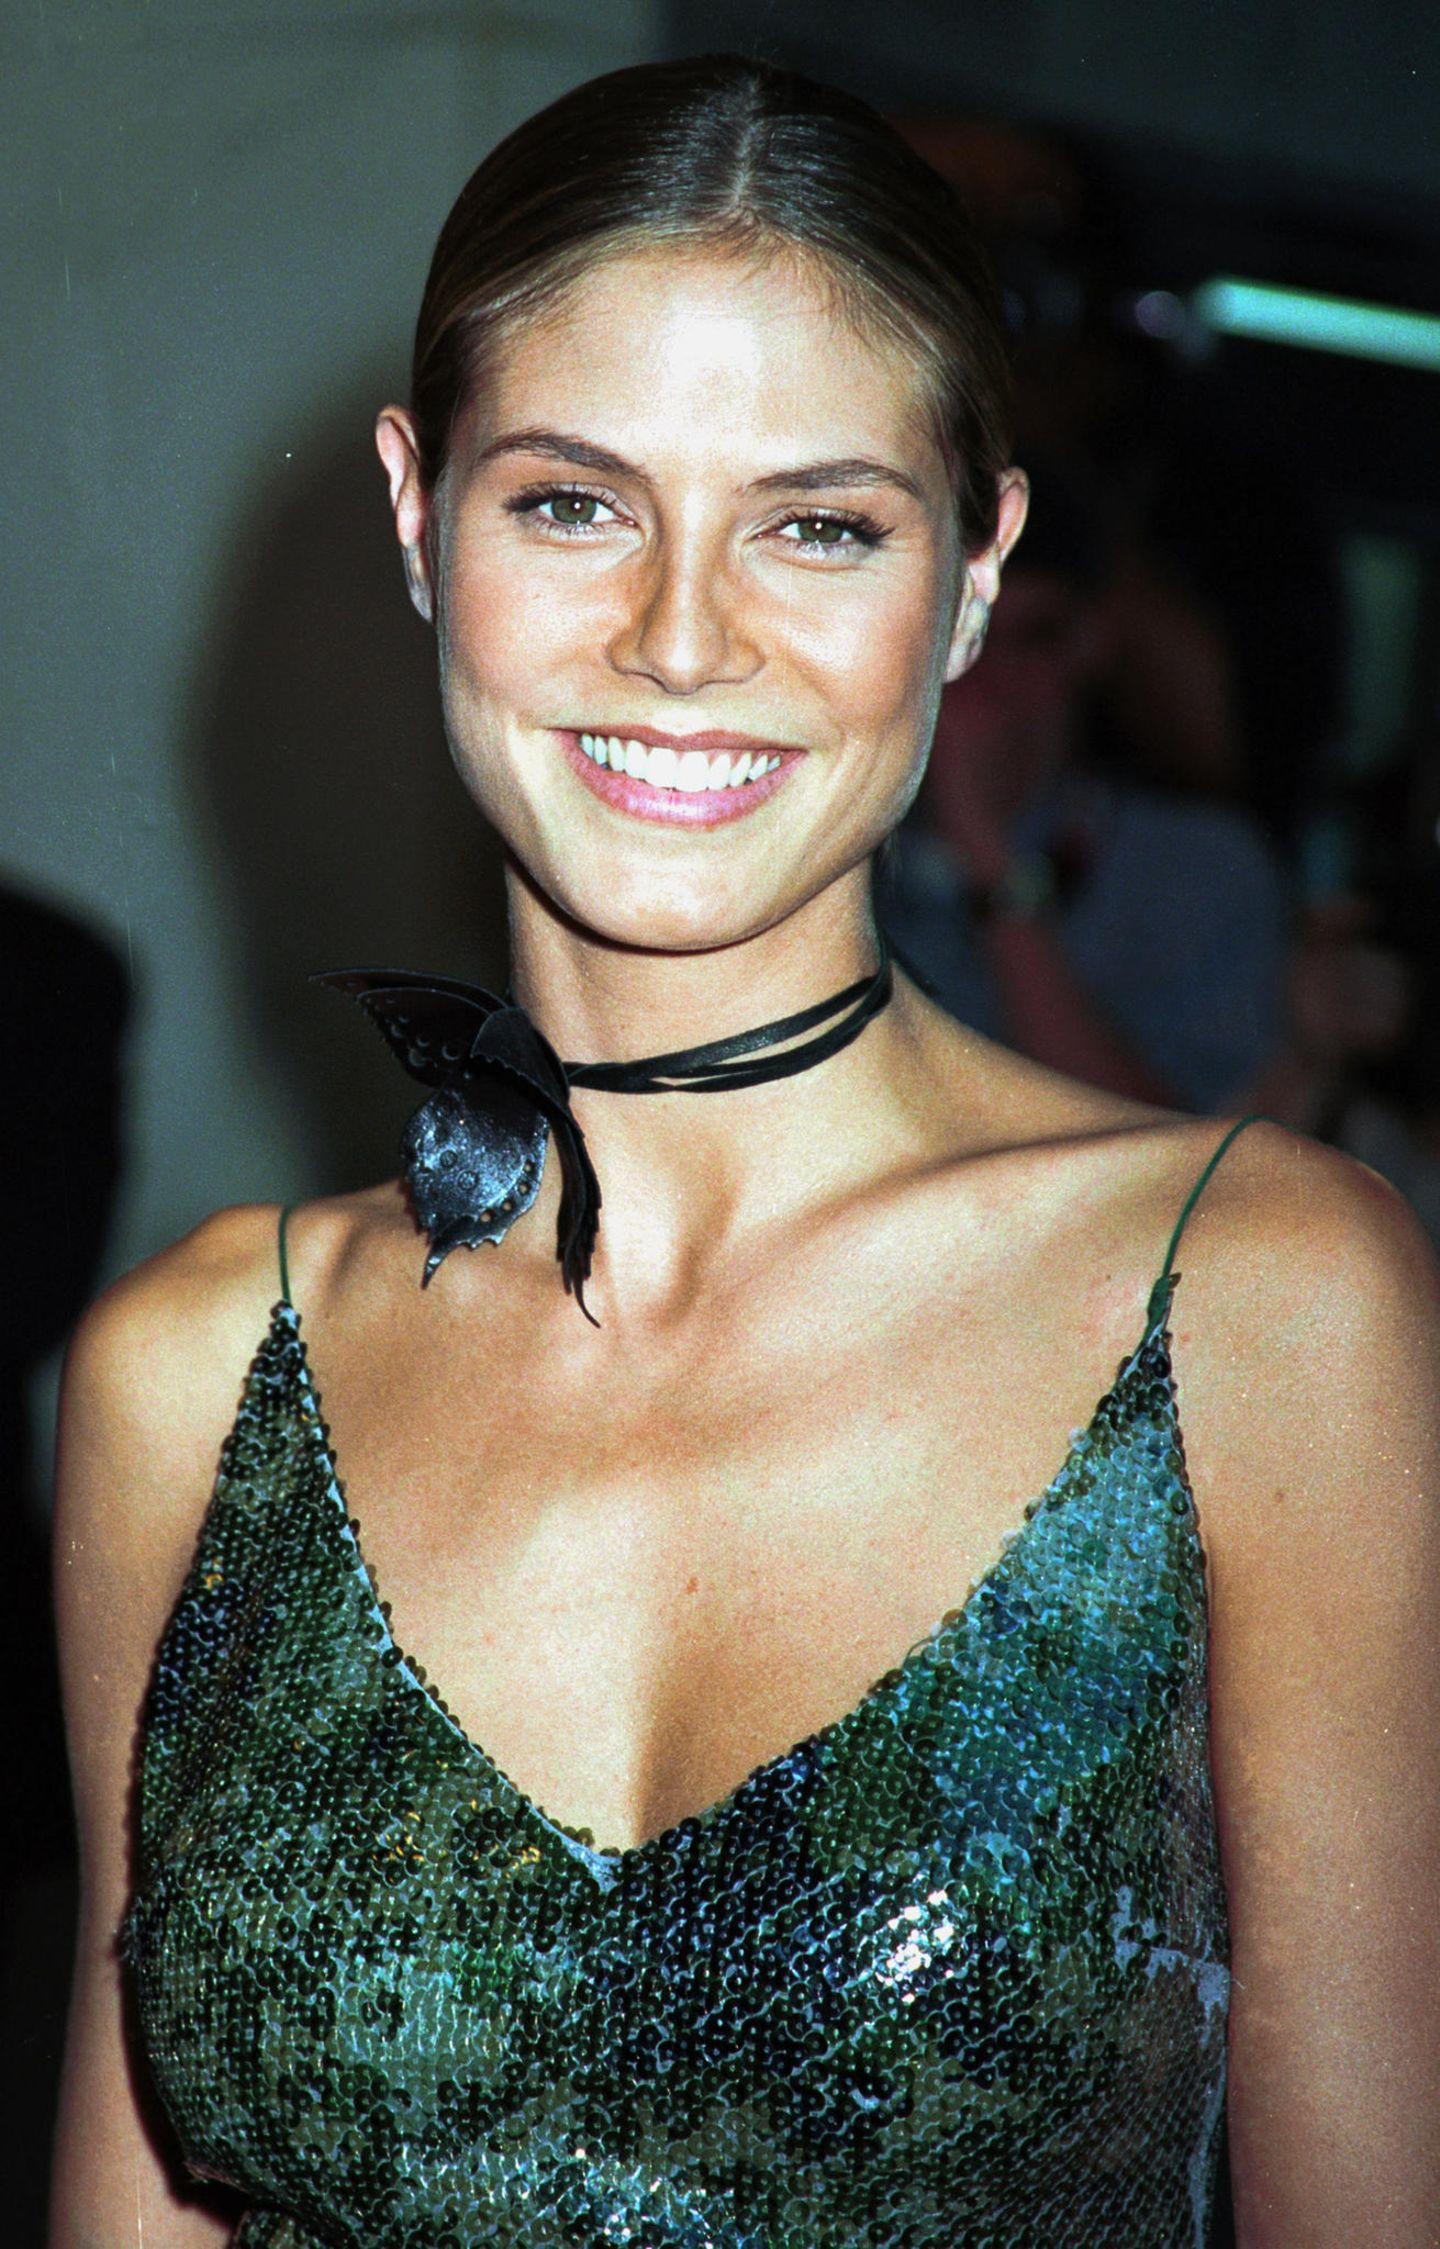 Supermodels vor ihrer Karriere und heute: Heidi Klum früher